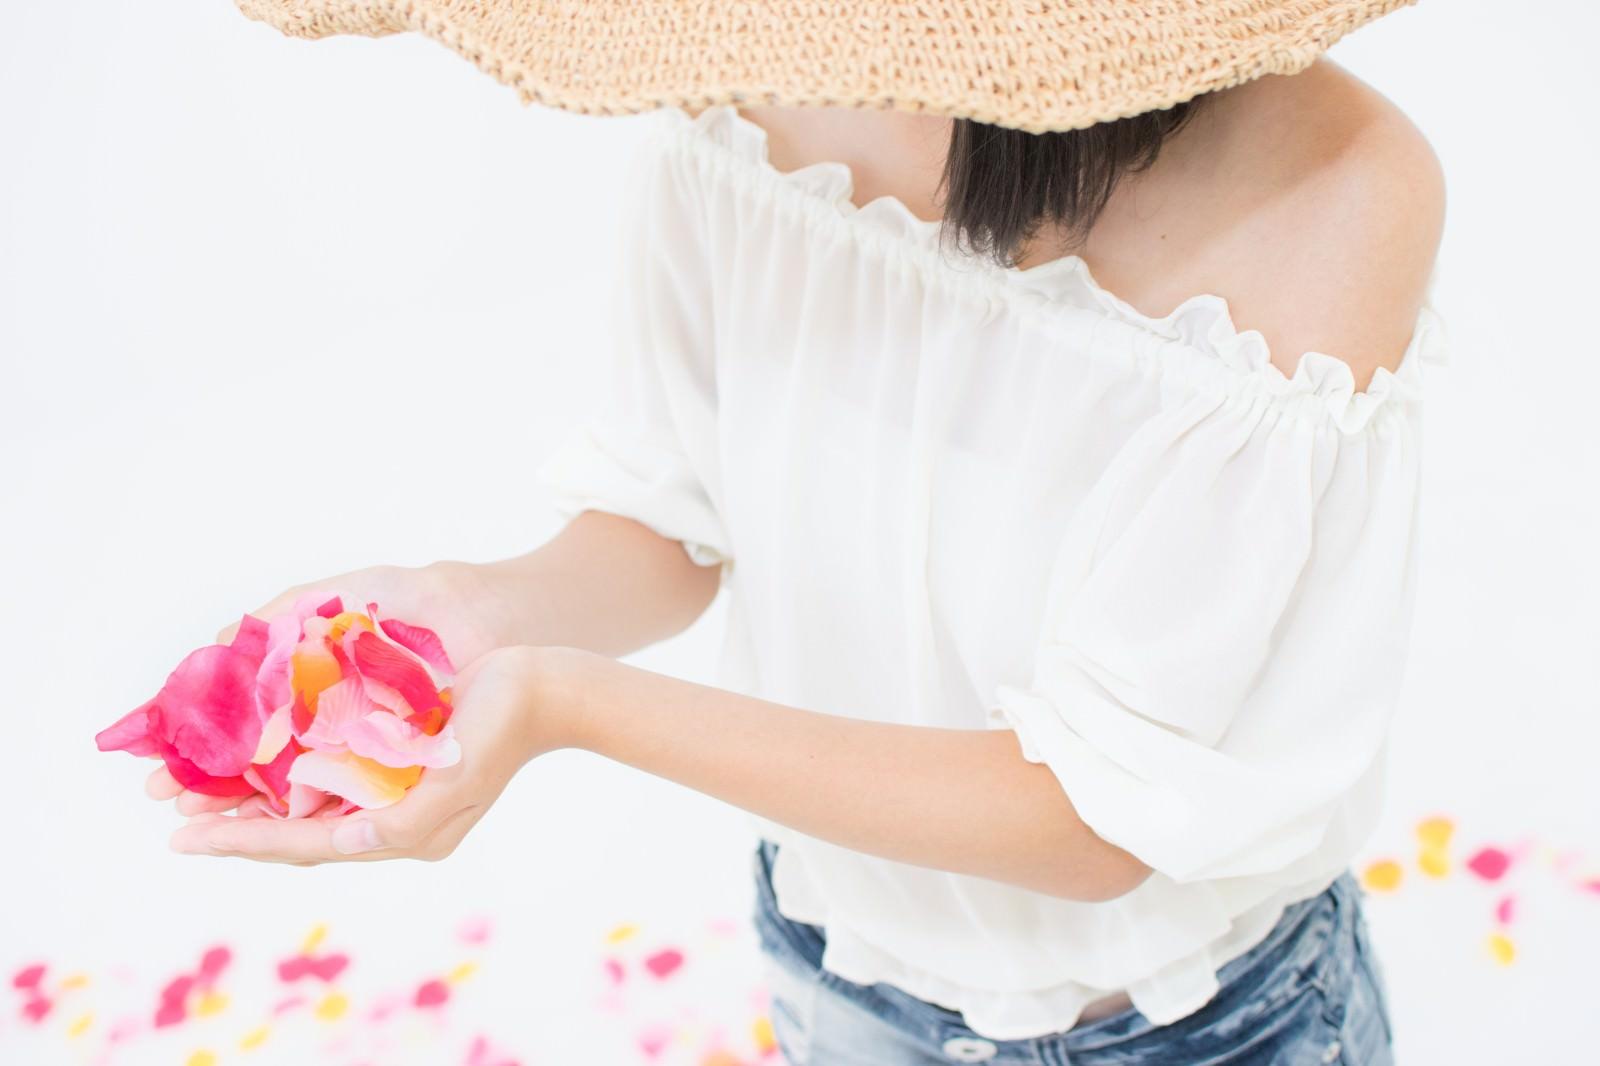 「両手からこぼれる花びら両手からこぼれる花びら」のフリー写真素材を拡大